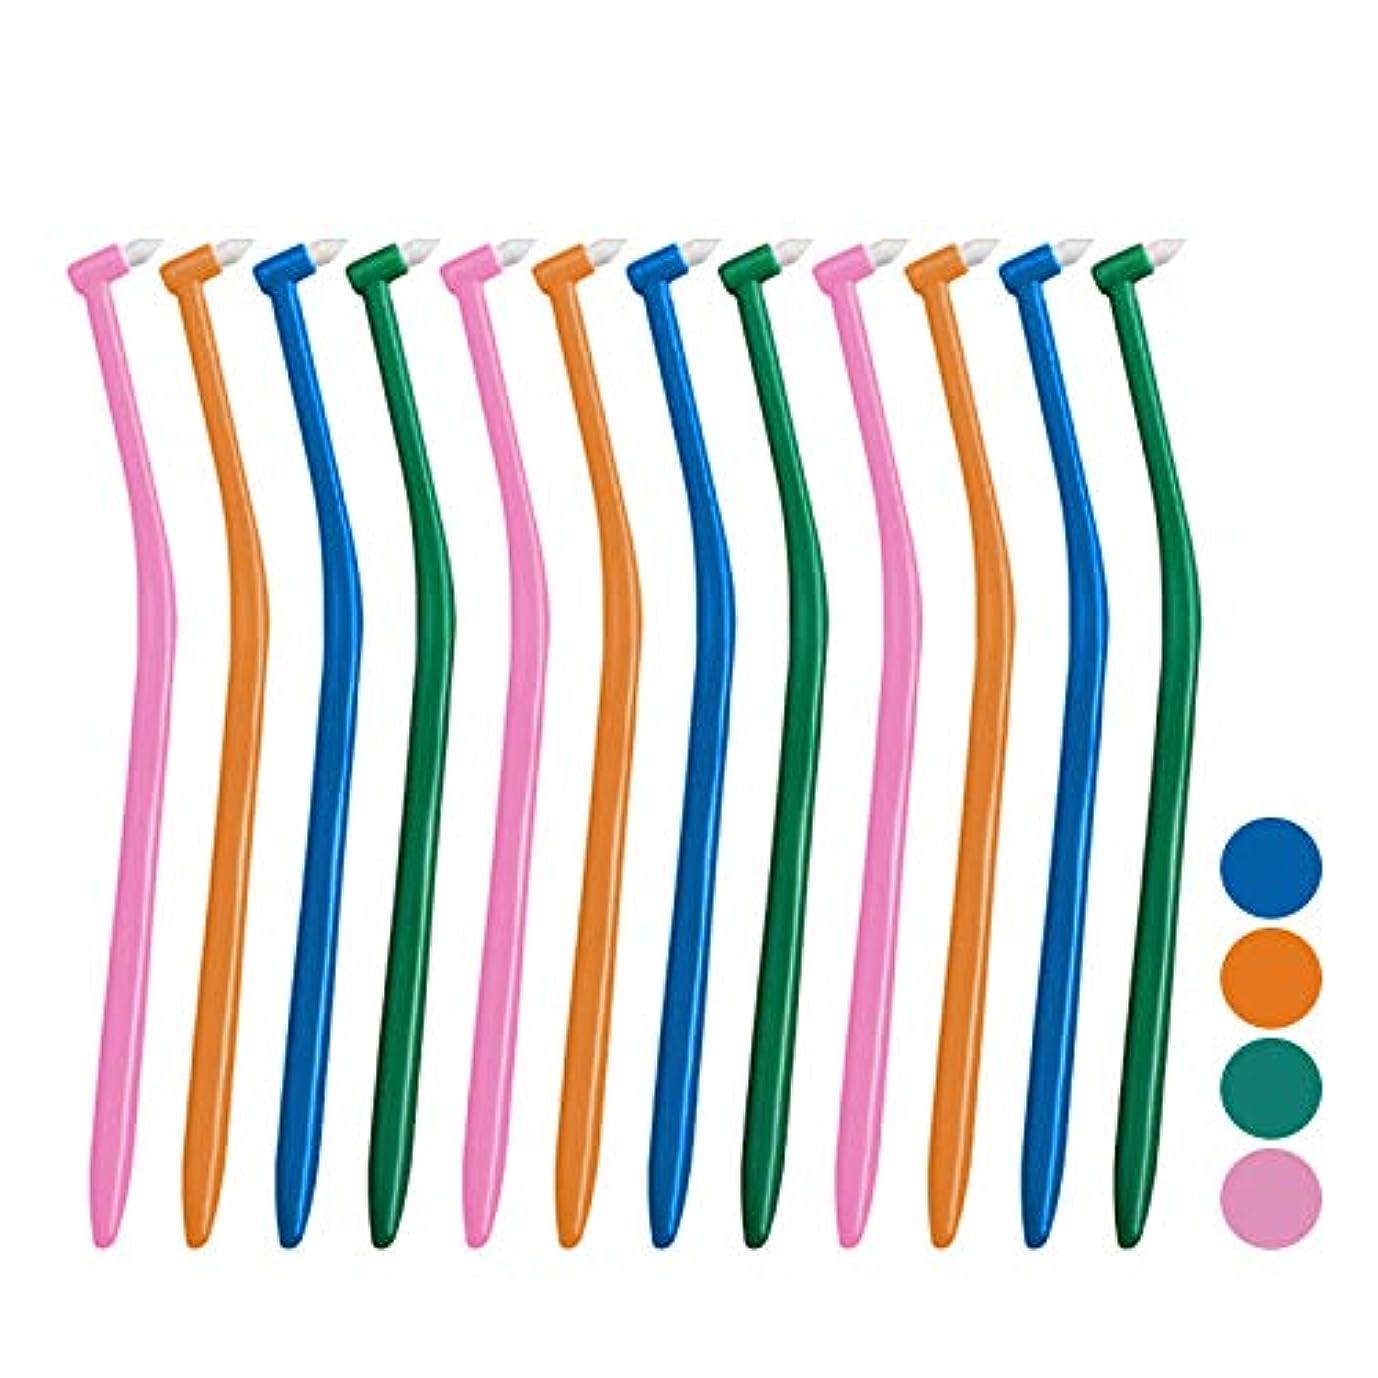 フレームワーク多数の衣装サムフレンド p(ピー) シリーズ ピー アリーボ (ワンタフト) × 12本セット (ミディアム)